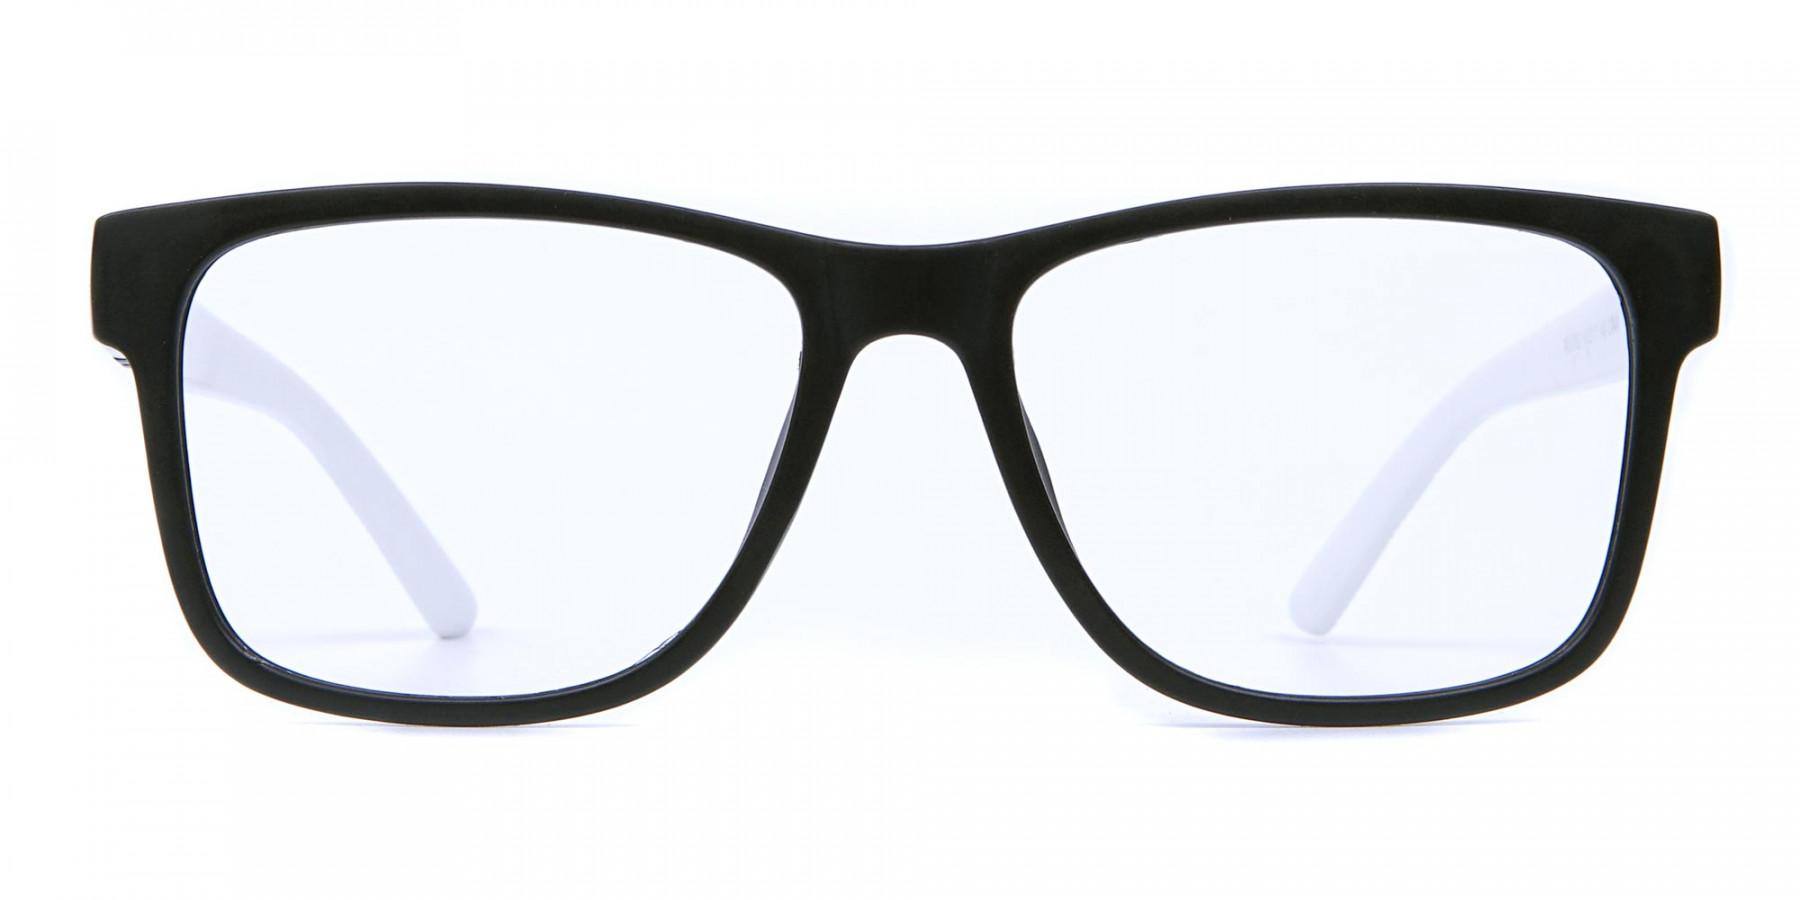 Black & White Frame Eyeglasses